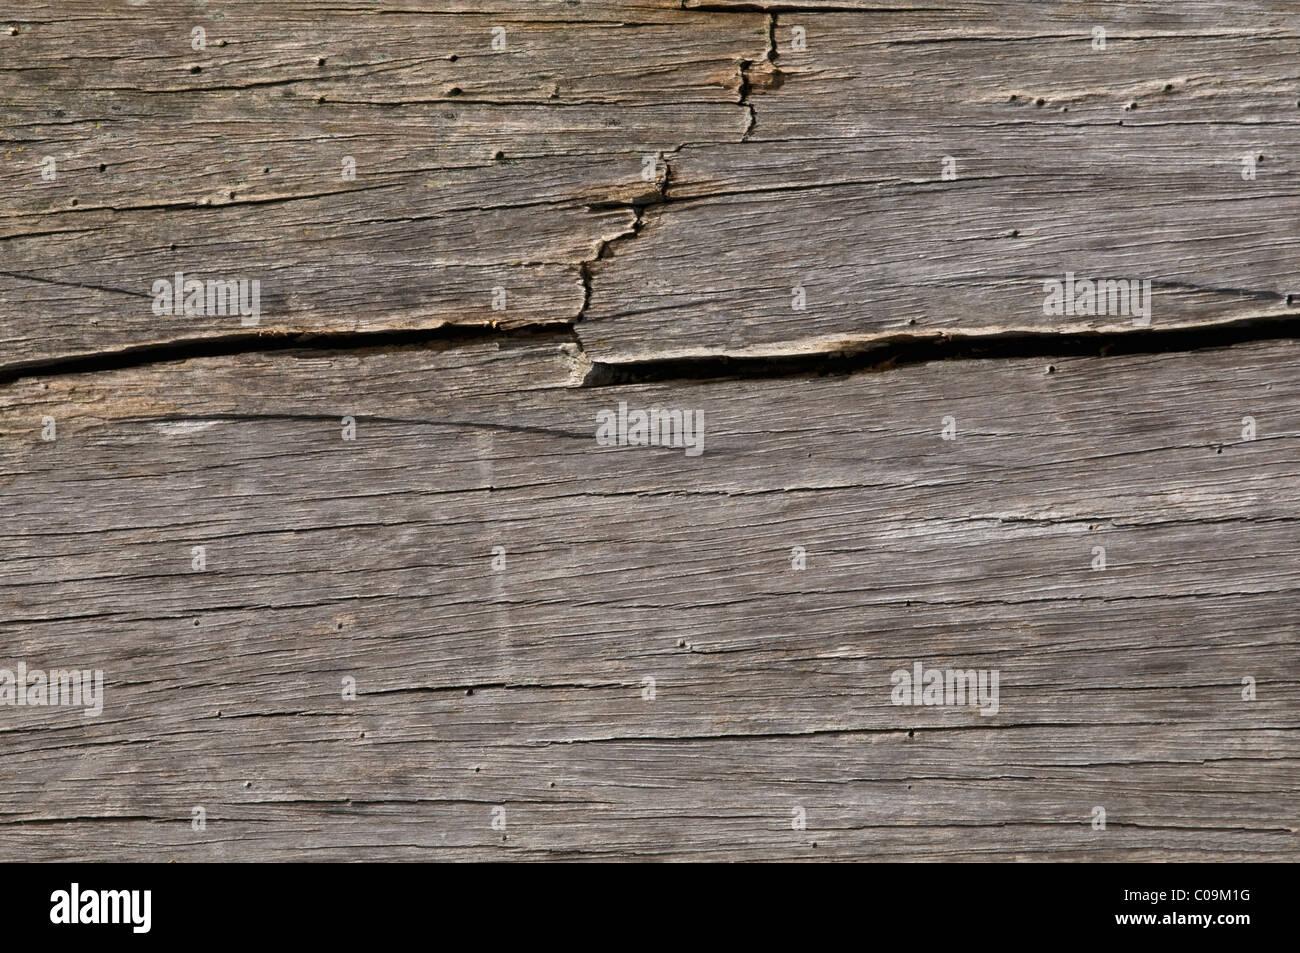 Dettaglio vecchia tavola di legno, sfondo Immagini Stock